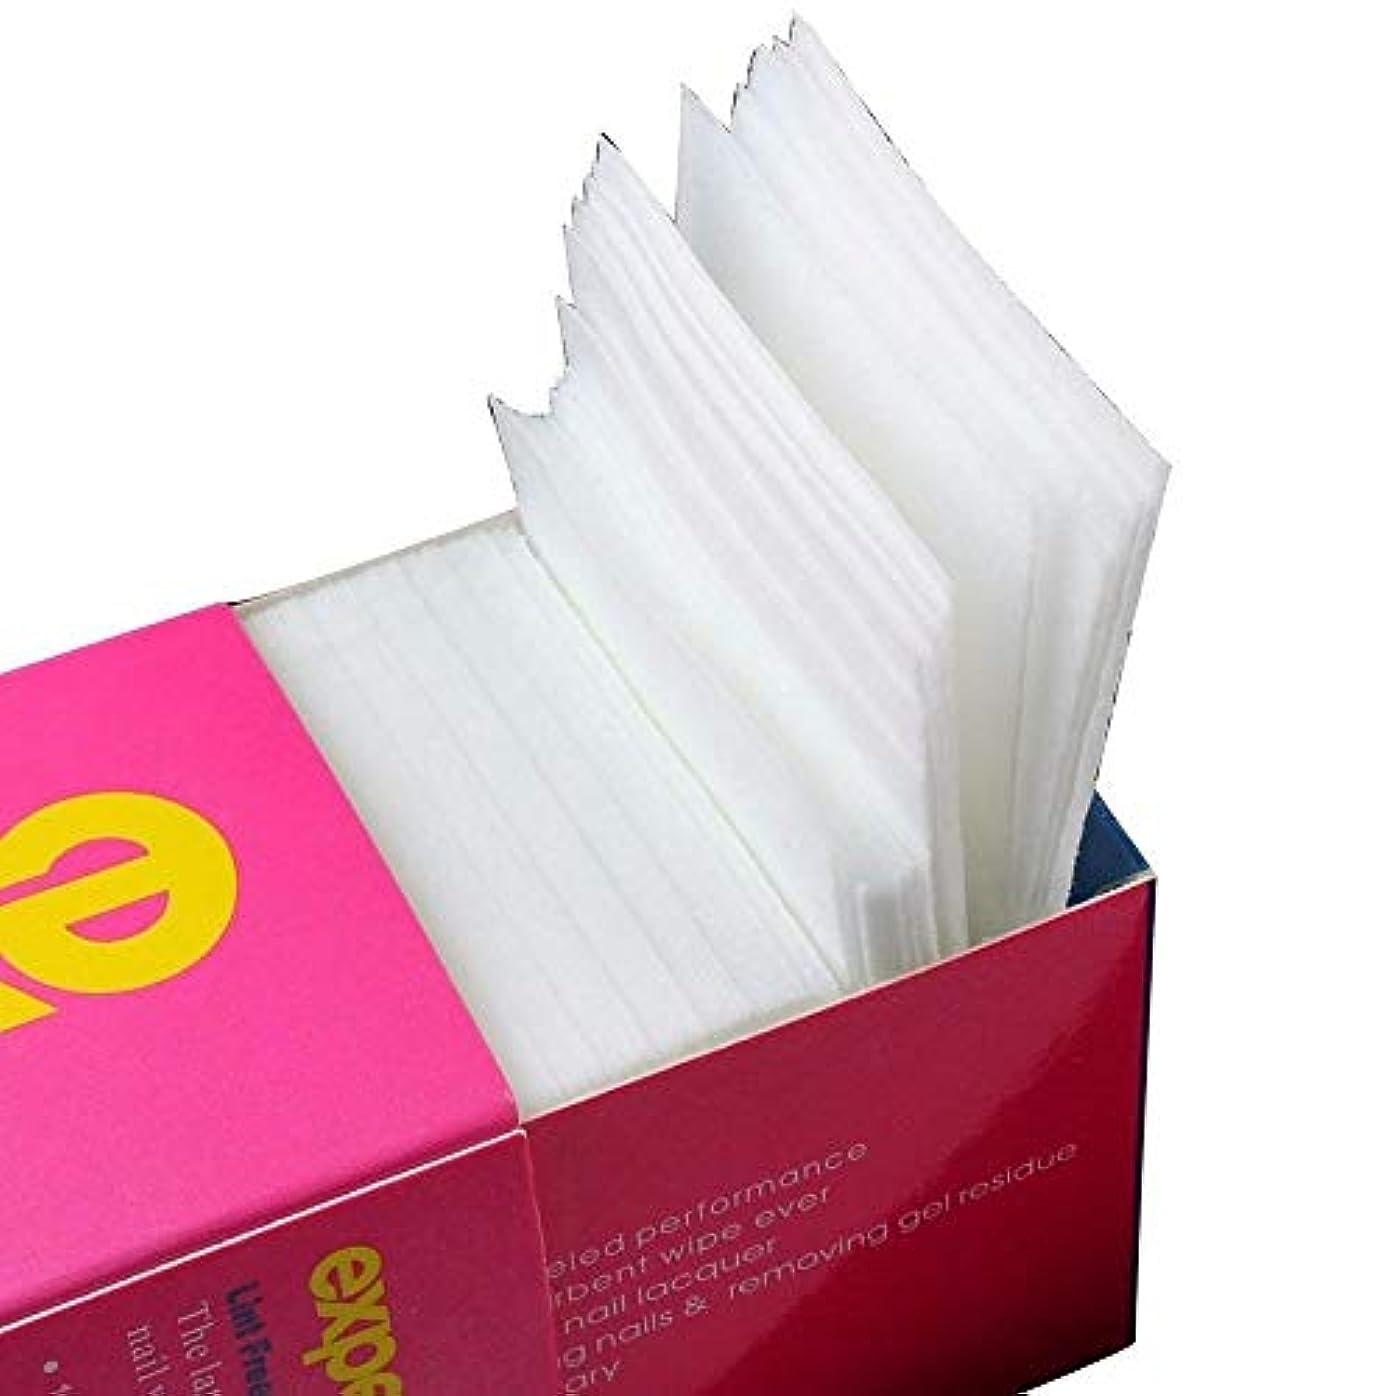 症候群砂漠徒歩で1st market 大人気 ネイル ワイプ コットン 天然素材 不織布 ジェルの拭き取り 油分除去 クリーニング 320枚以上 高品質